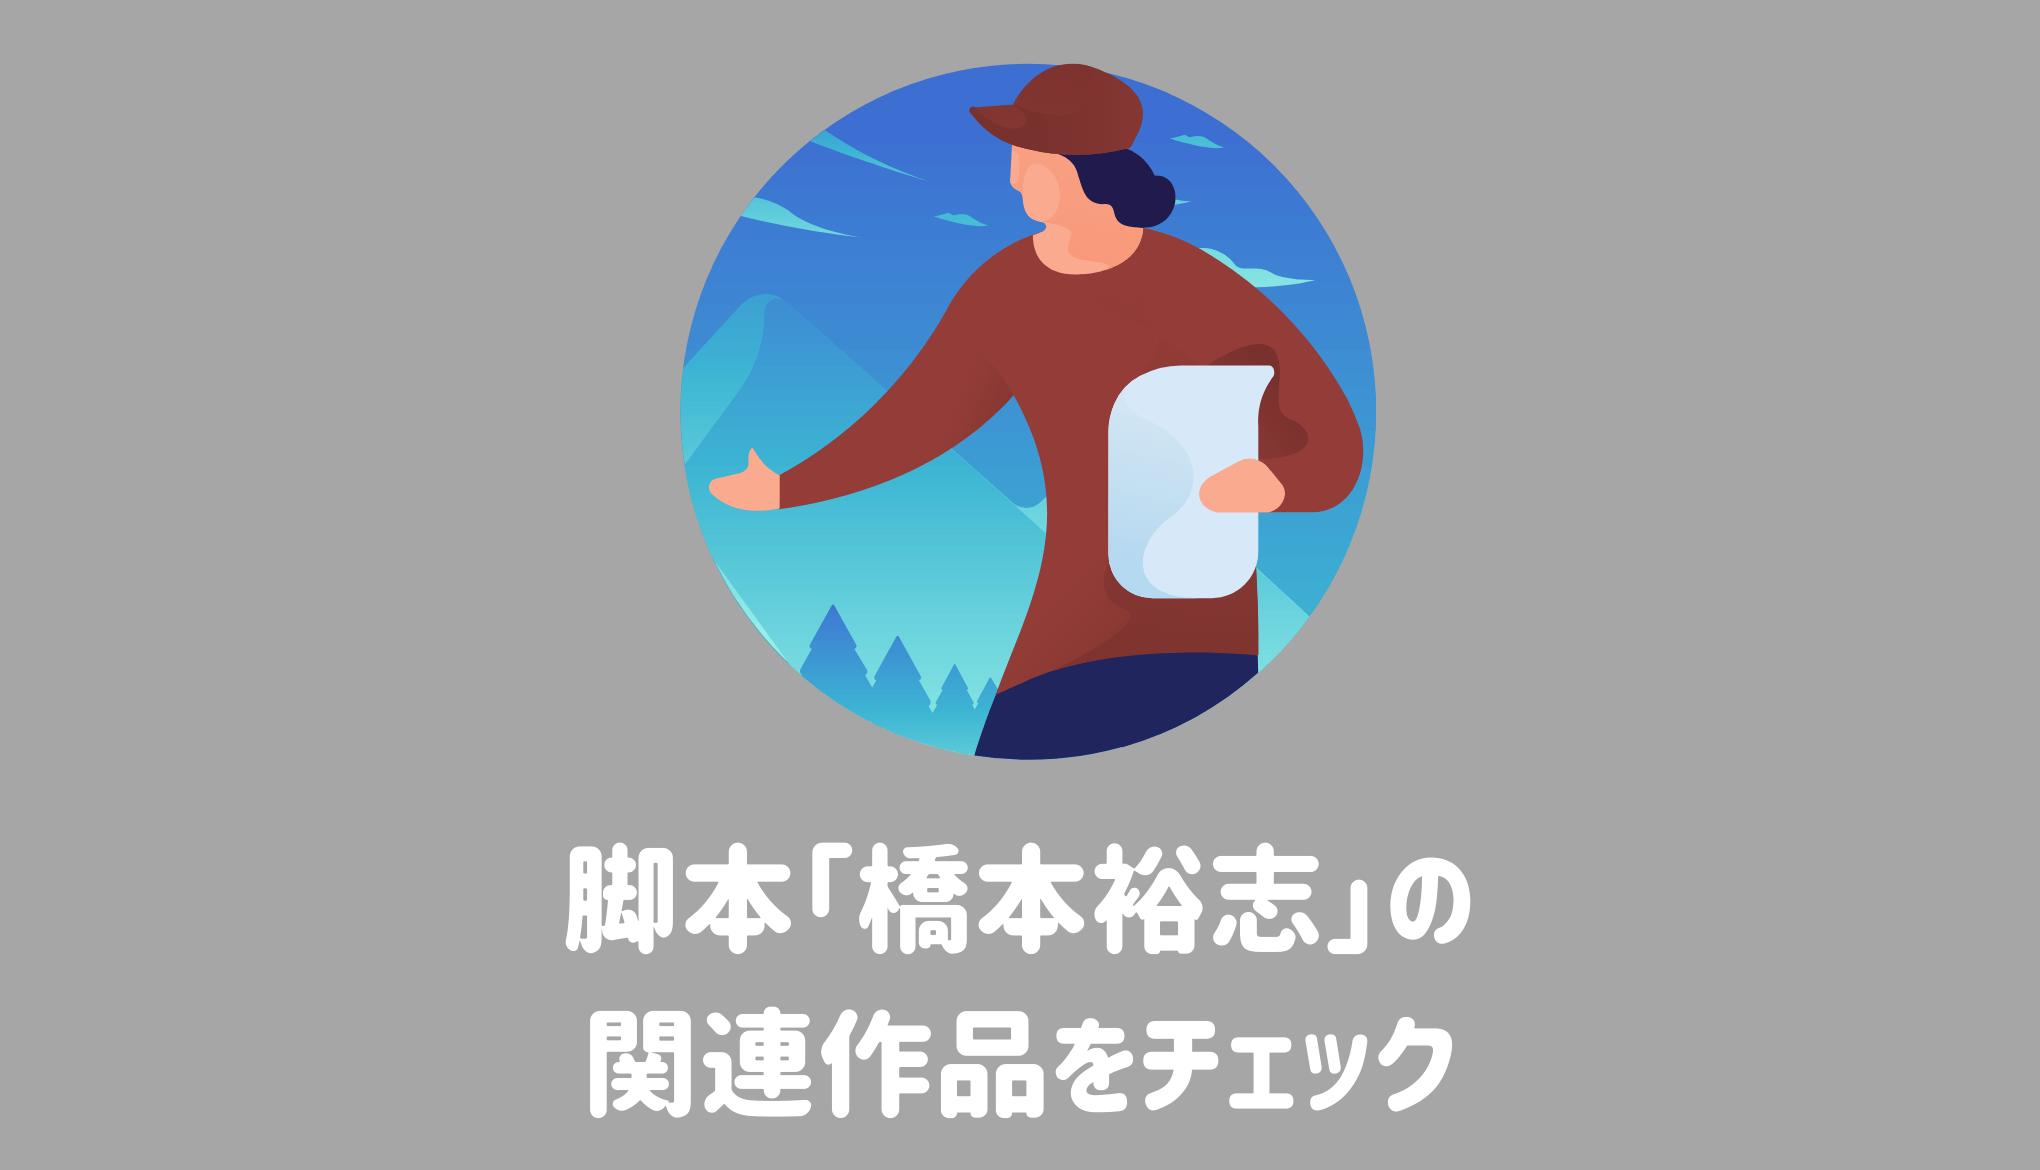 橋本裕志脚本の関連作品をチェック